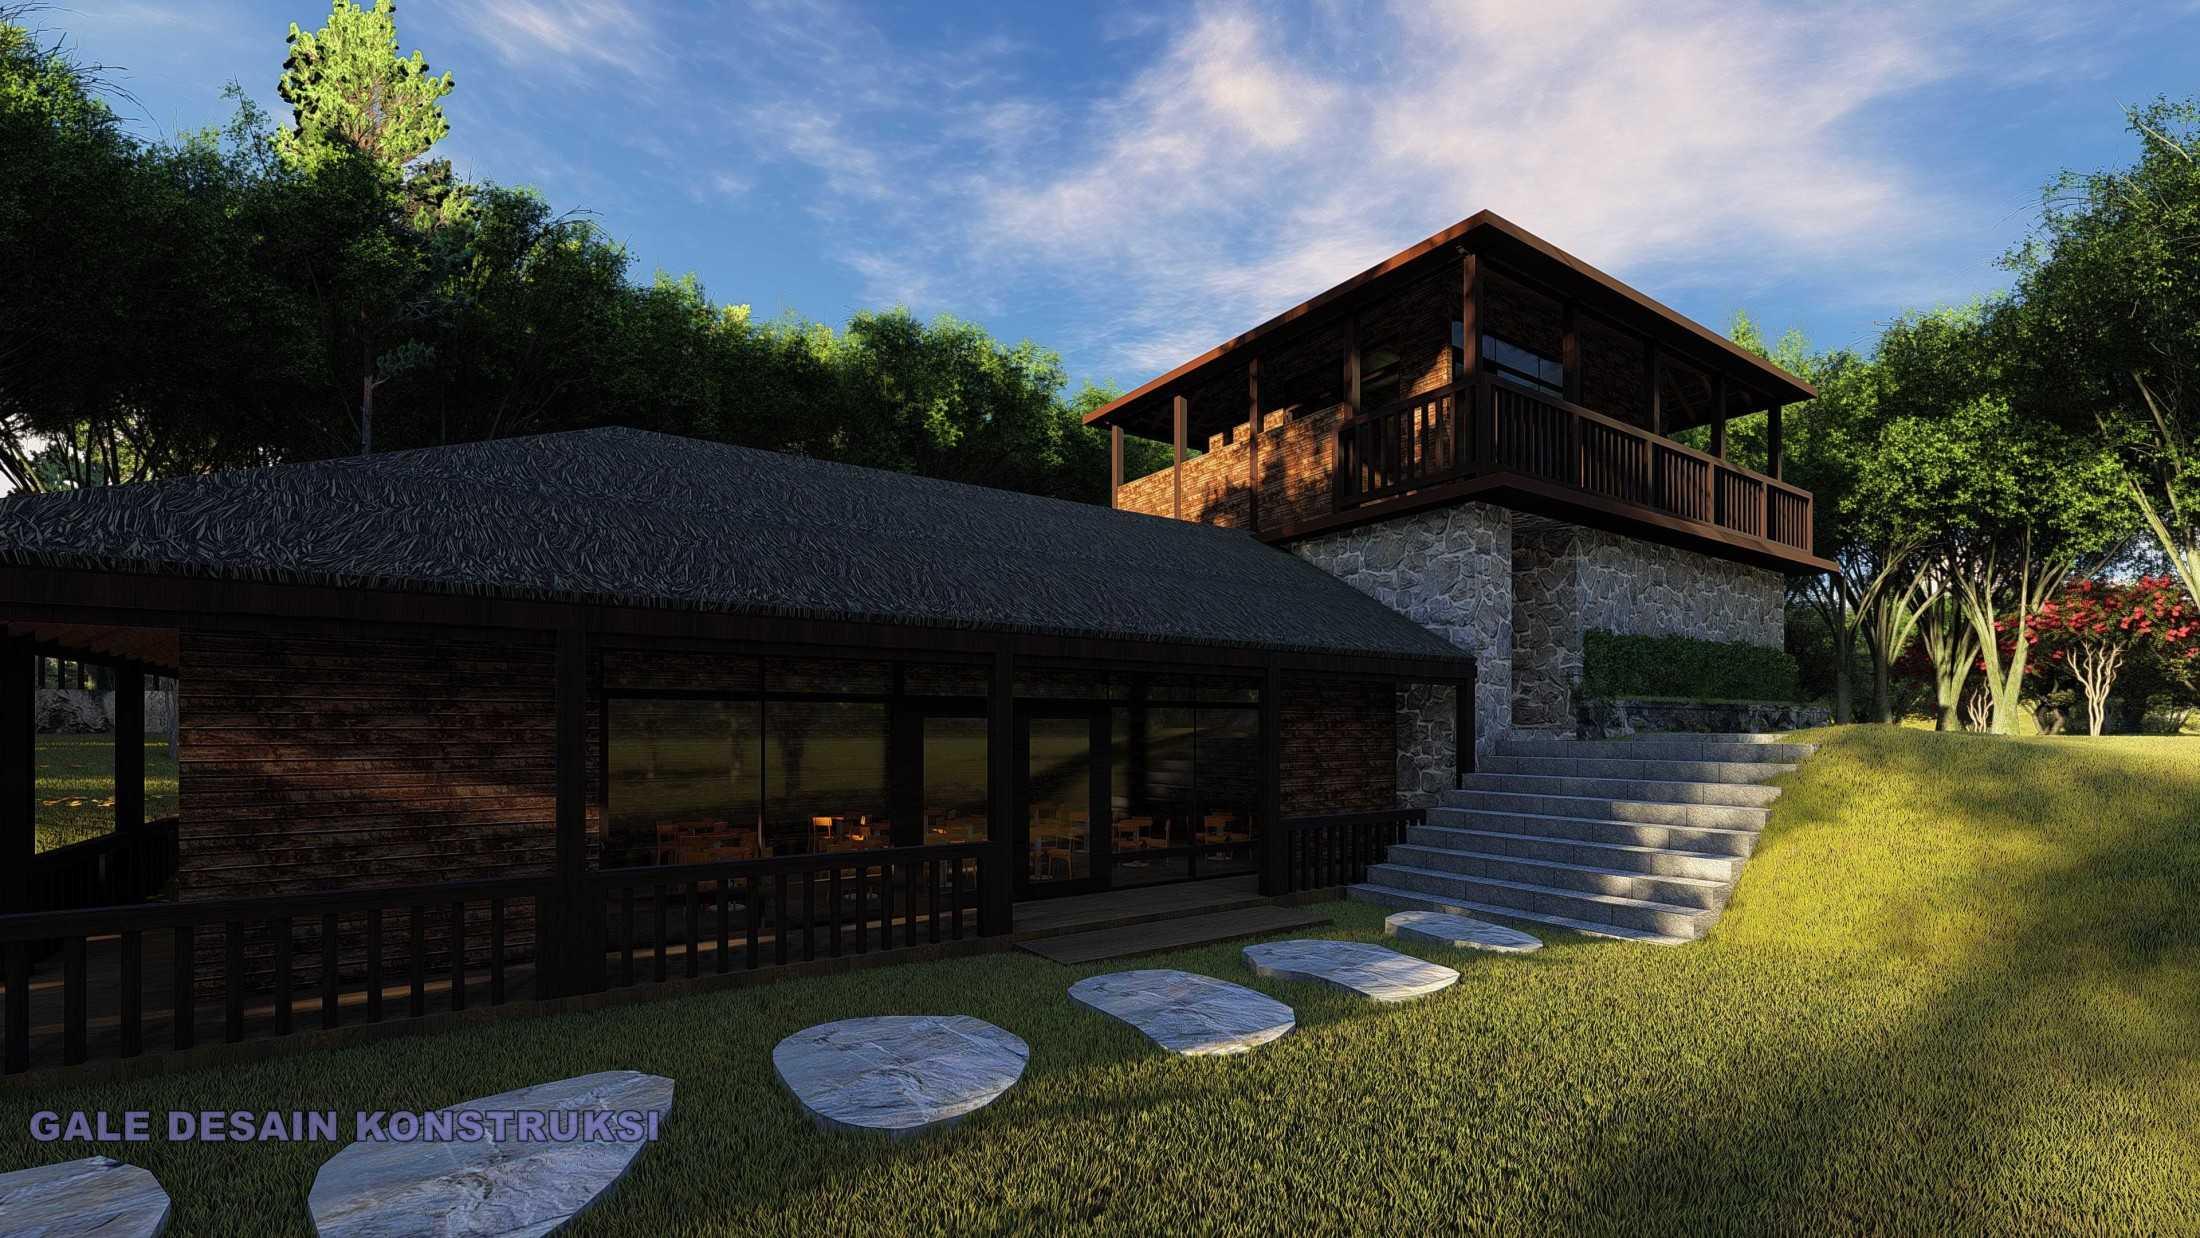 Gale Desain Konstruksi di Lombok Utara